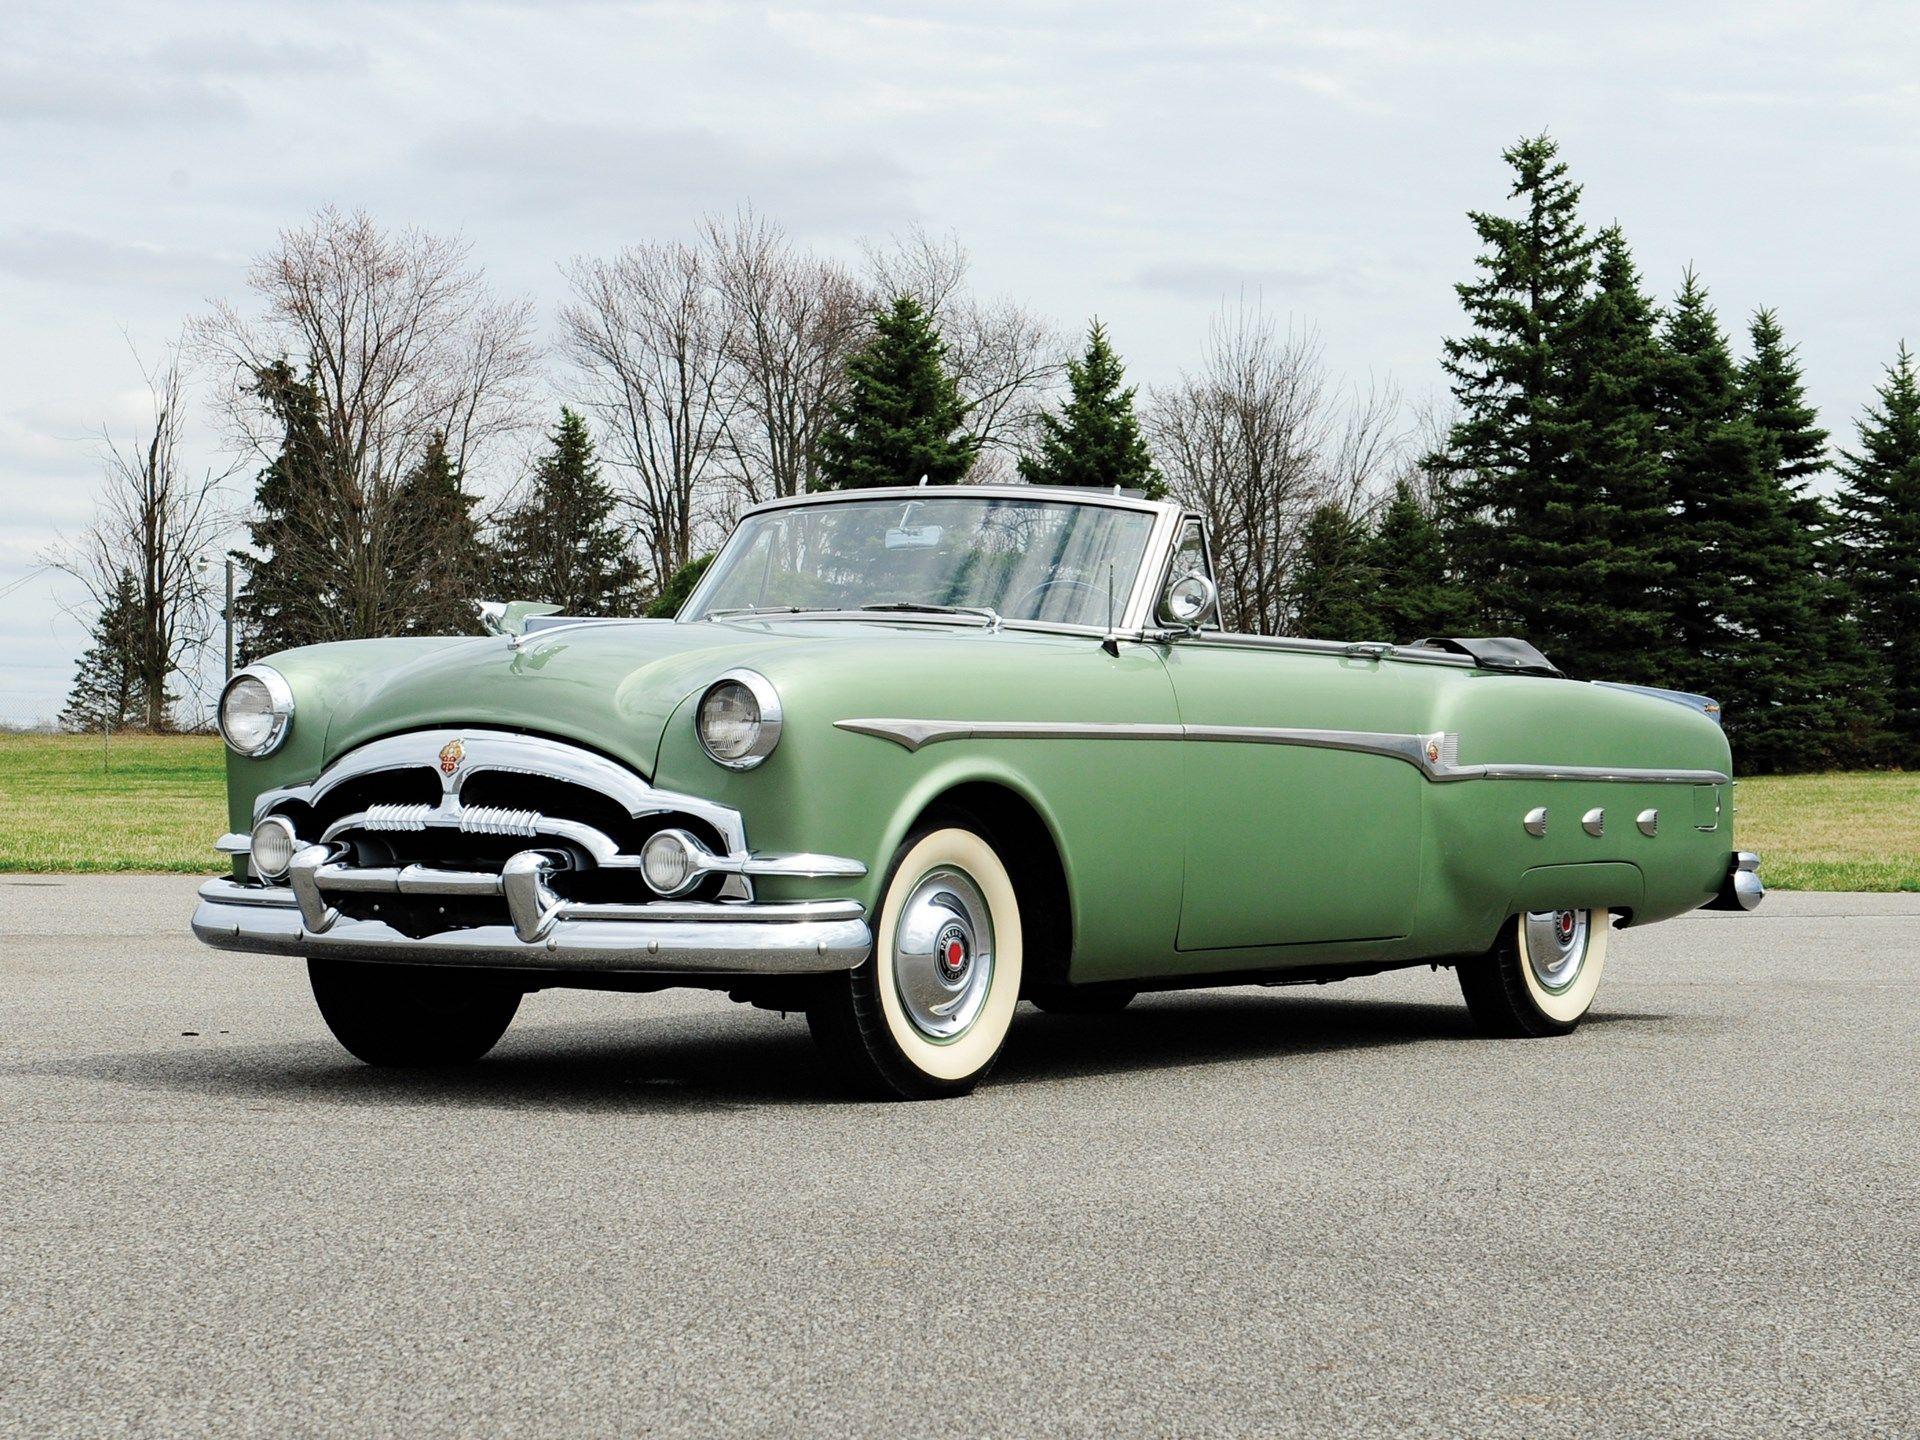 RM Sotheby's 1953 Packard Cavalier Convertible Auburn